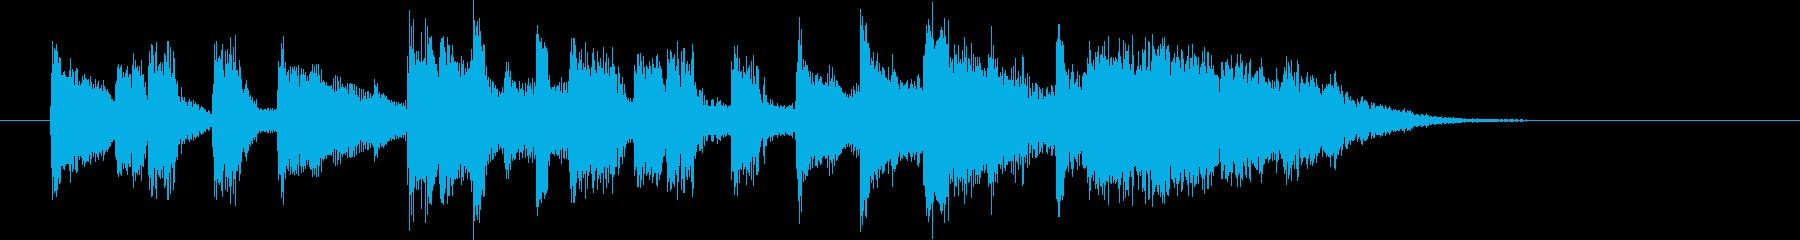 ミディアムテンポのストリングスの再生済みの波形